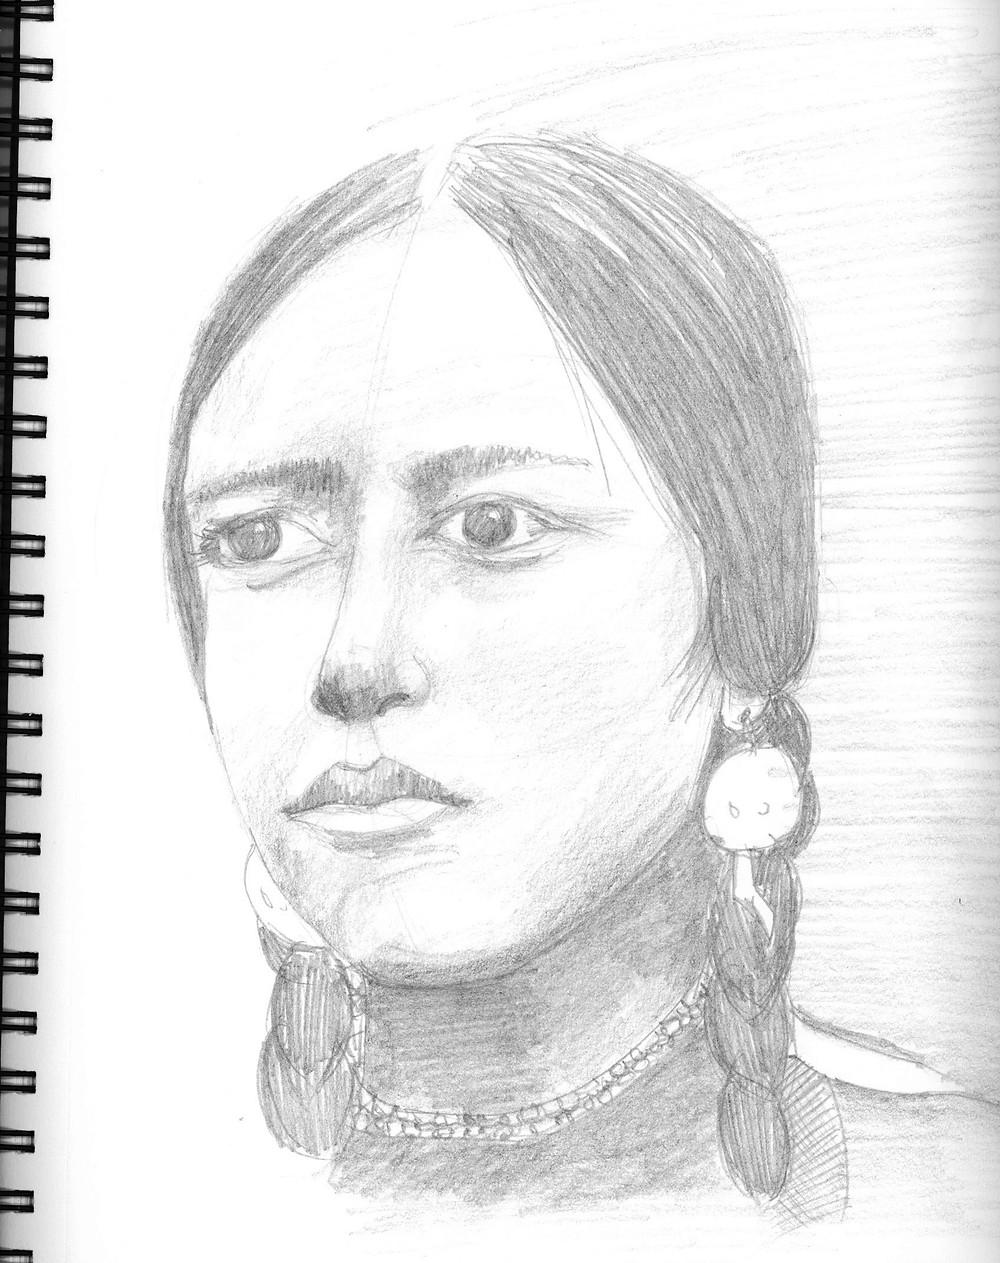 Female Portrait #2, graphite sketch